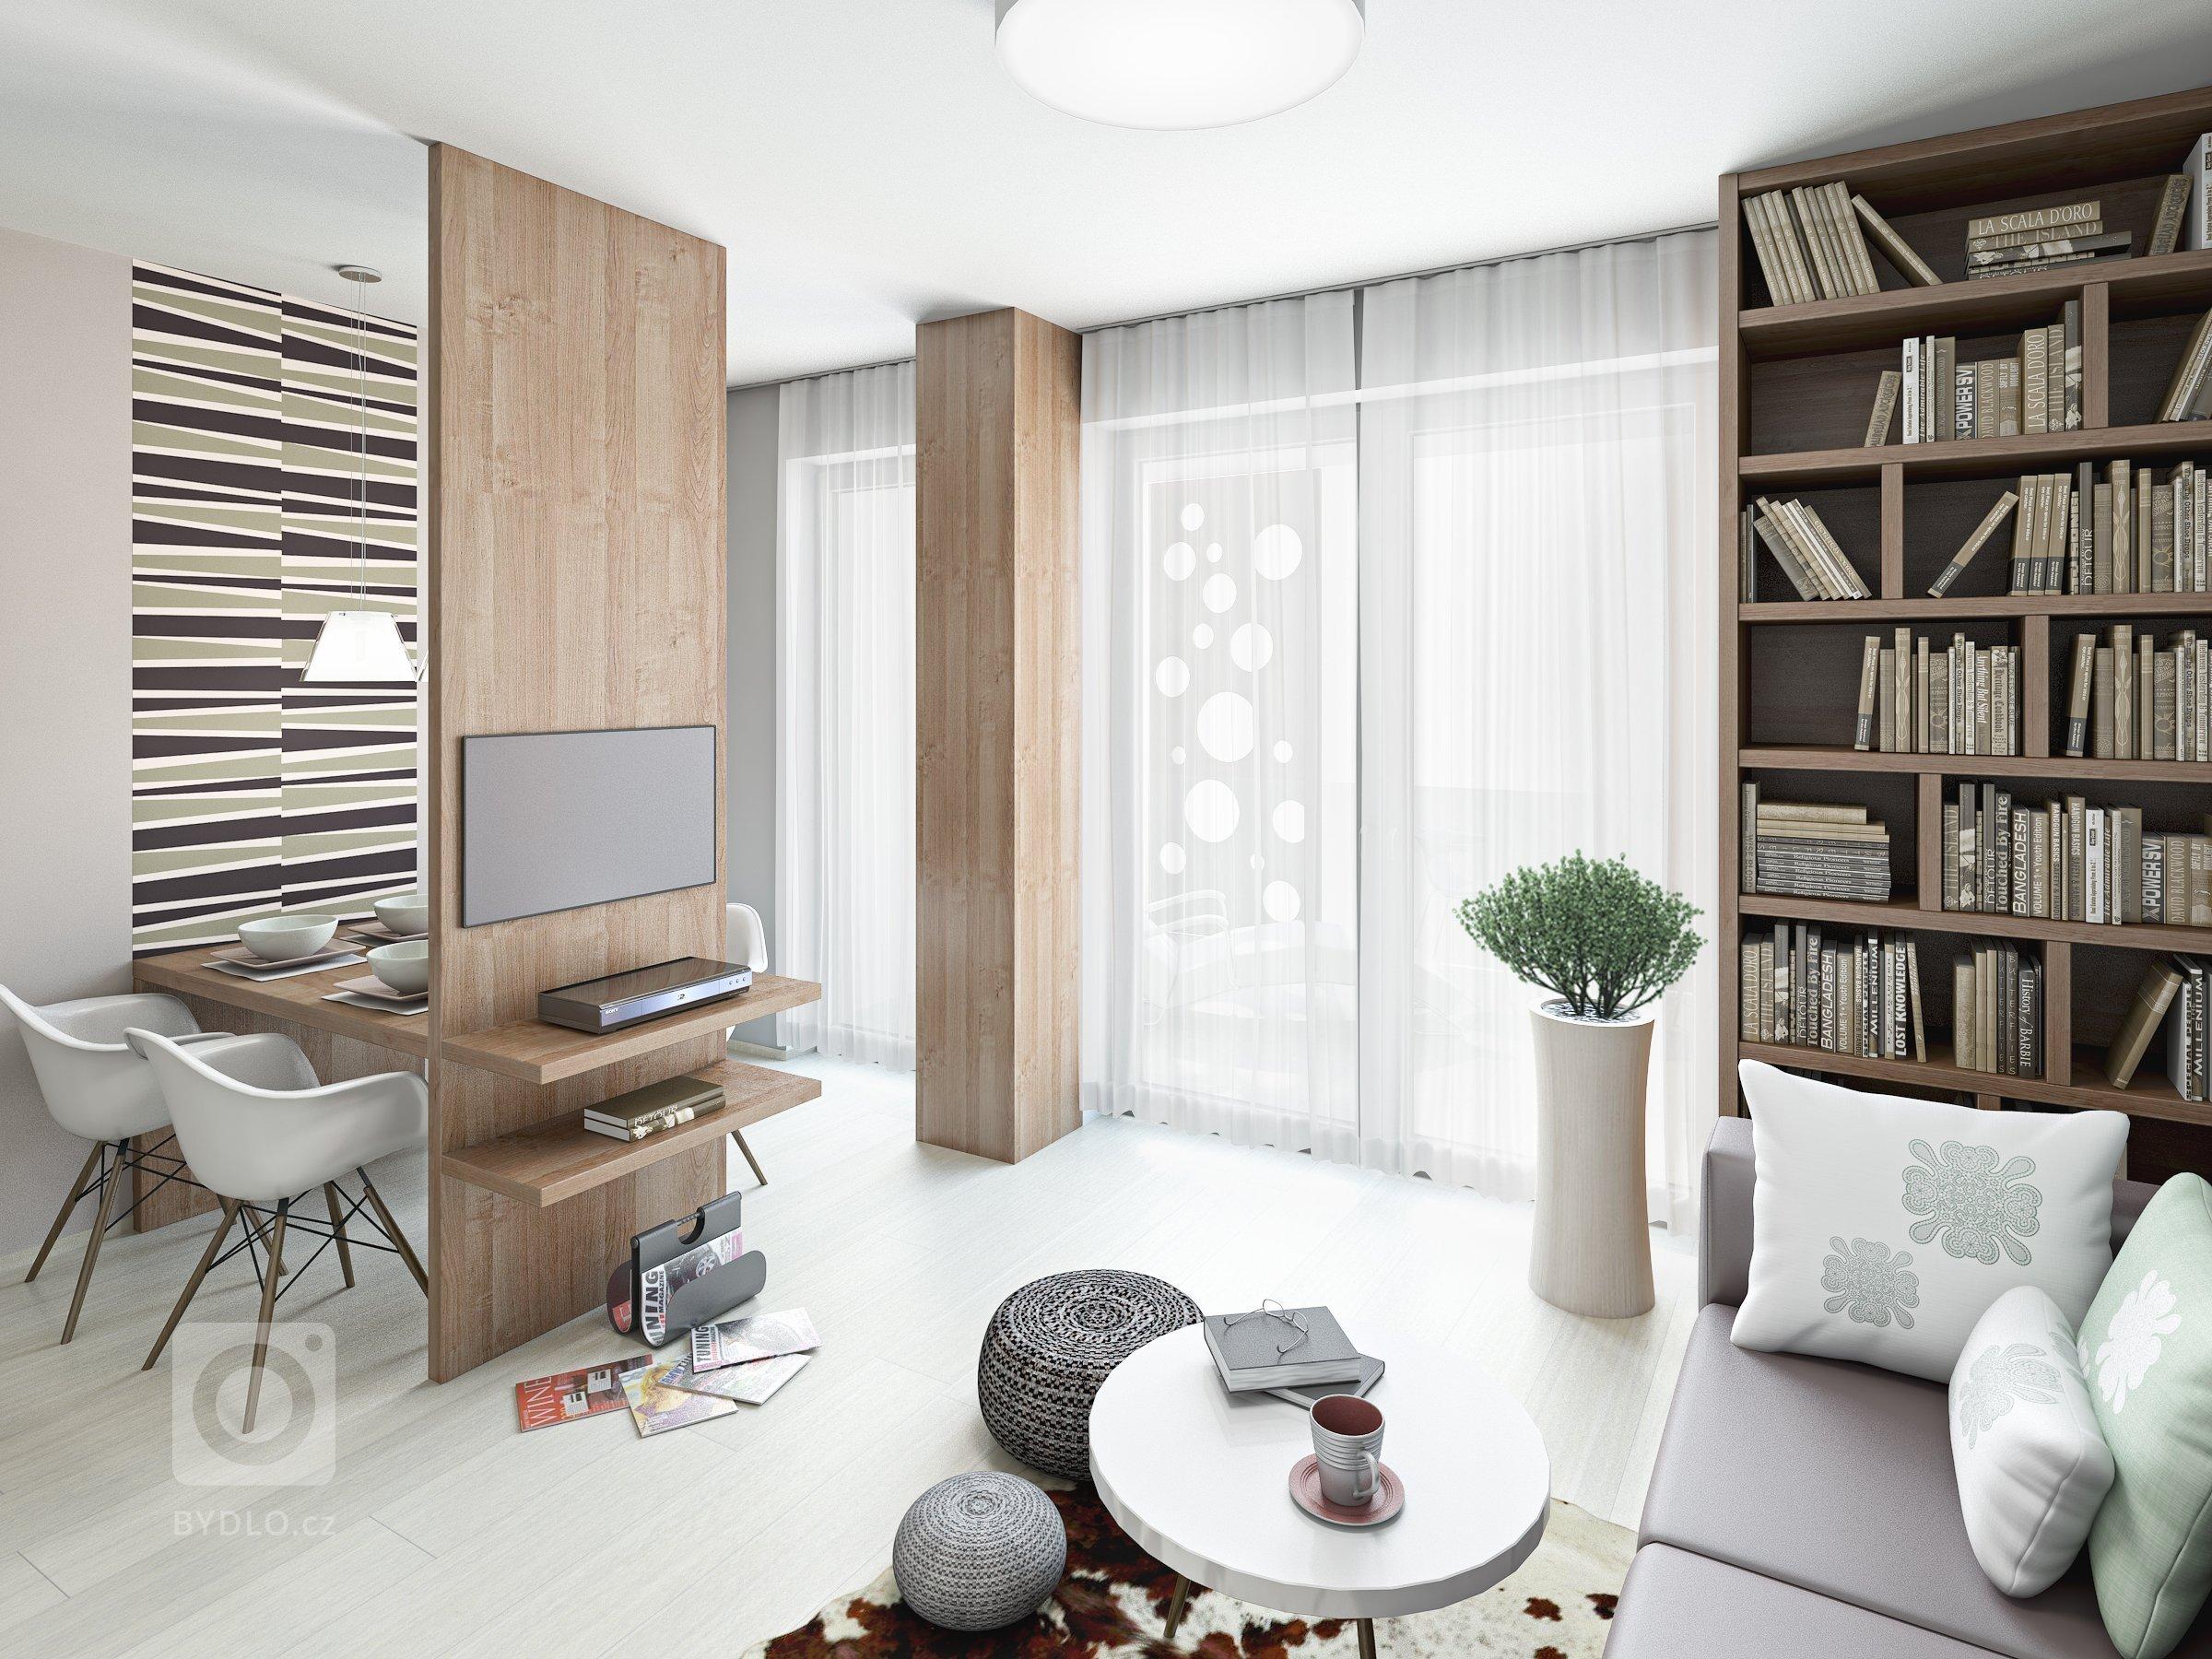 obývací pokoj s jídelnou a kuchyní